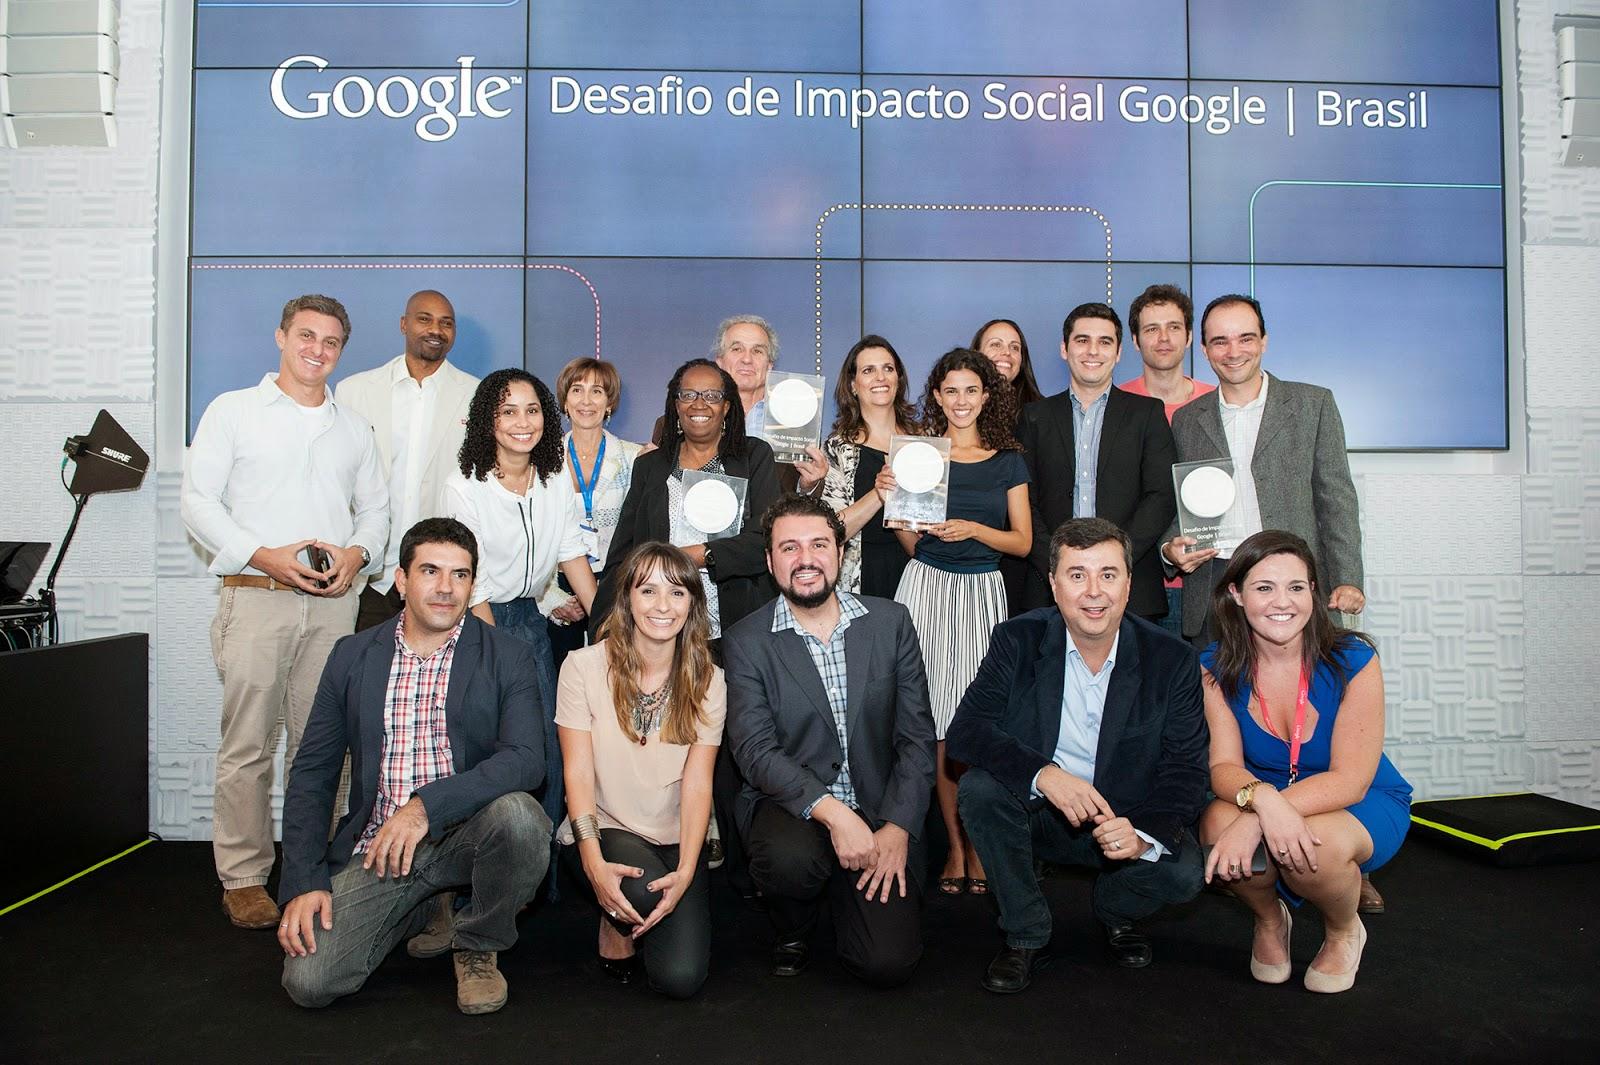 Crédito: Studio Rebizzi. Vencedores da primeira edição do Desafio de Impacto Social – Blog Google Brasil.